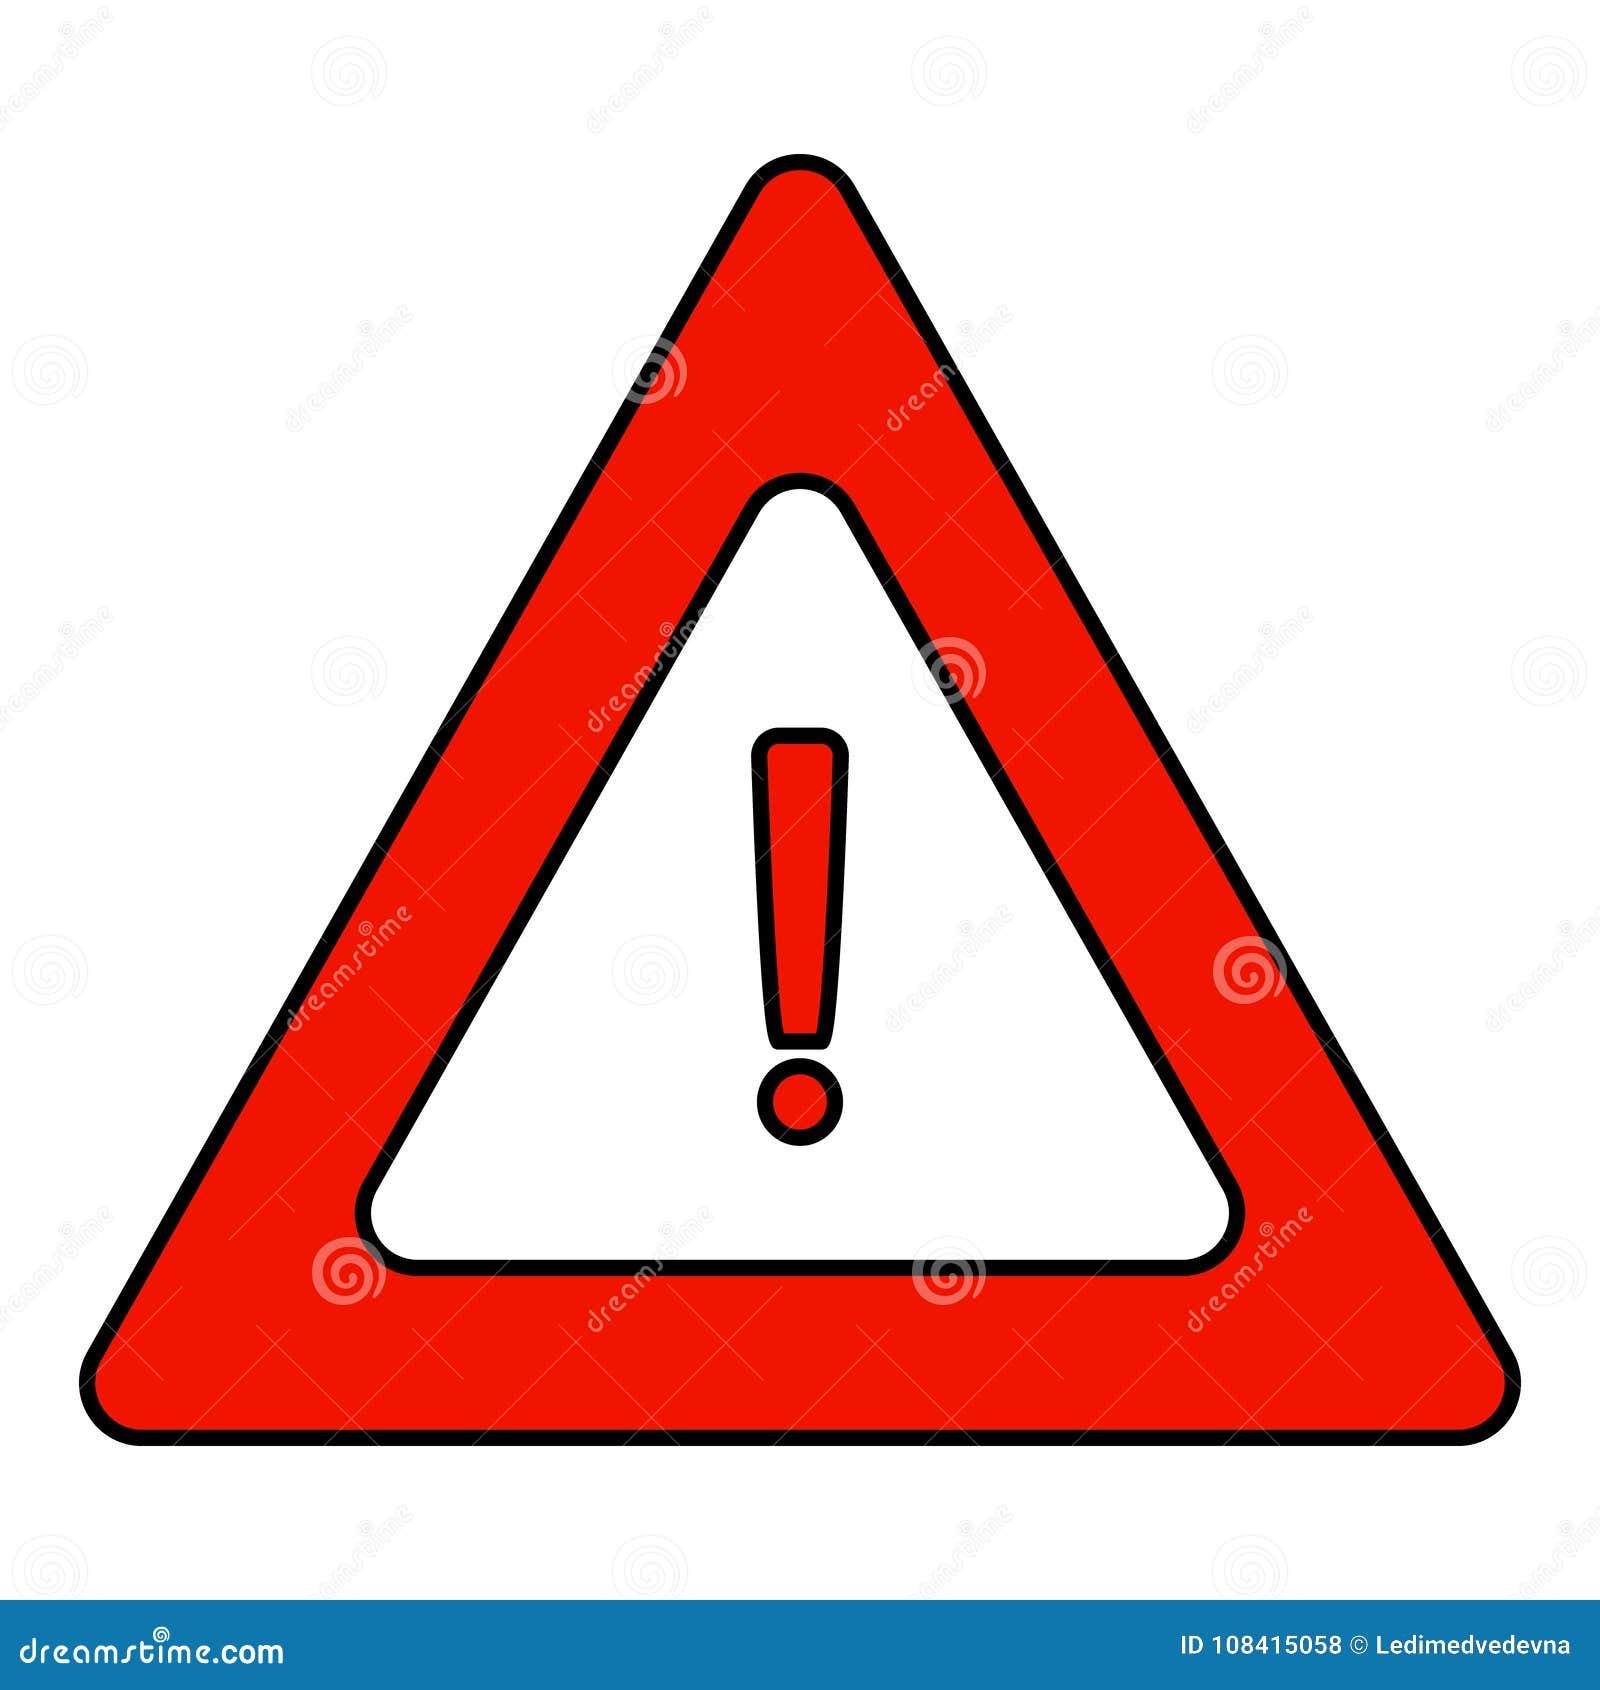 panneau d 39 avertissement triangulaire de route une ic ne de triangle avec un point d 39 exclamation. Black Bedroom Furniture Sets. Home Design Ideas